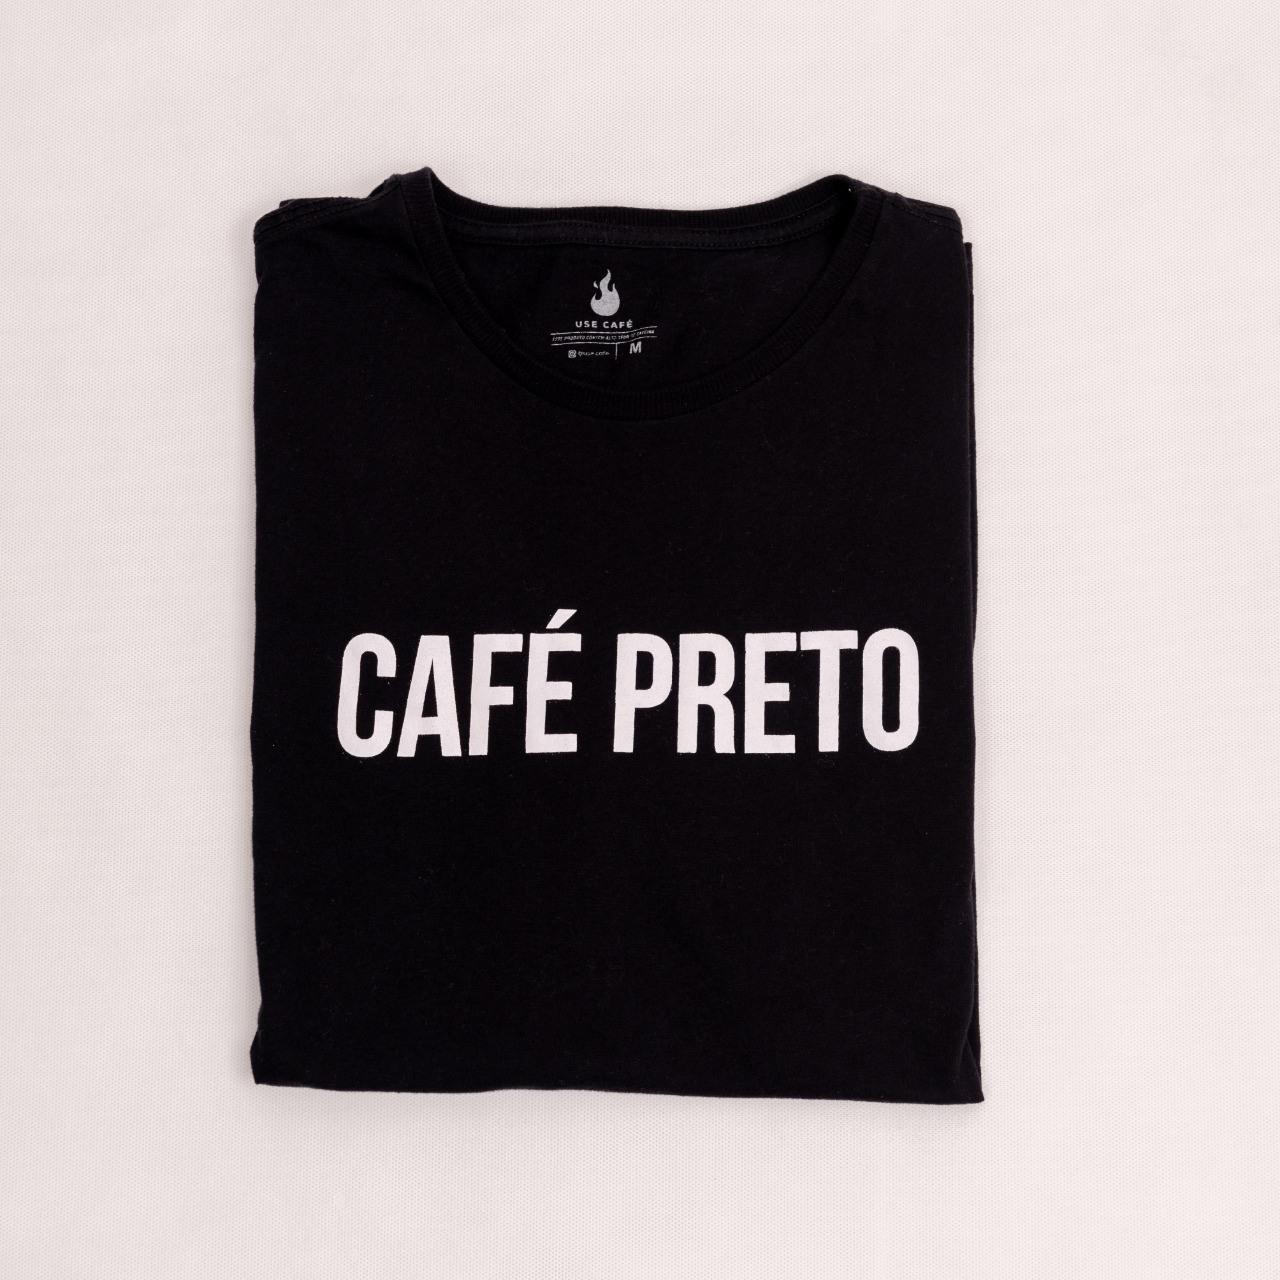 CAMISETA CAFÉ PRETO - 100% ALGODÃO - UNISSEX